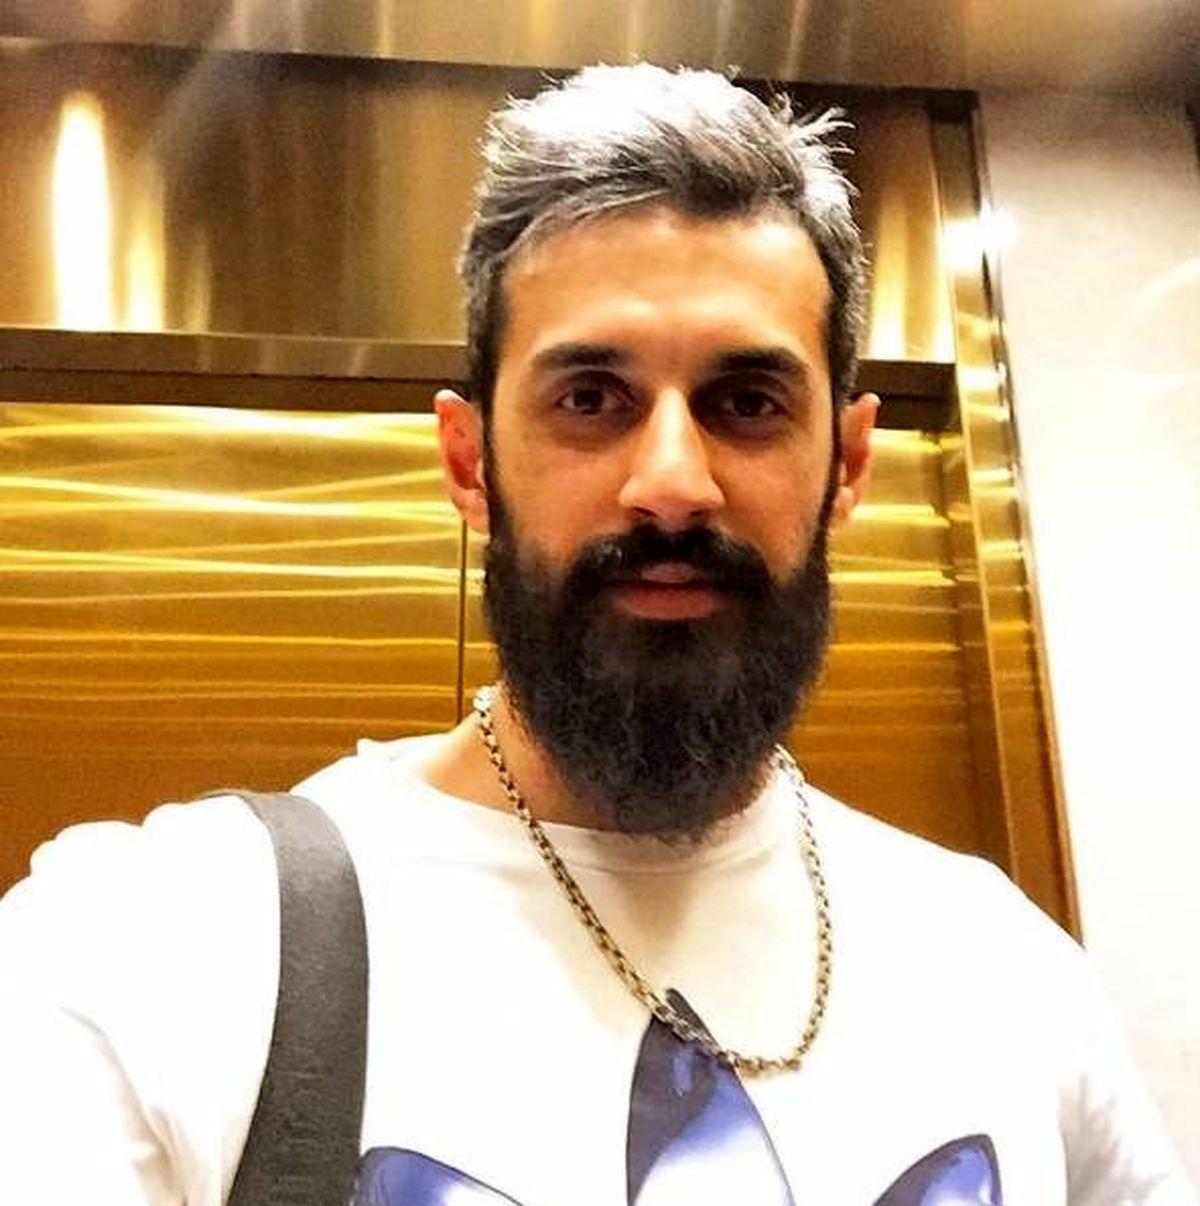 عکس صمیمی از سعید معروف در کنار فرهاد مجیدی